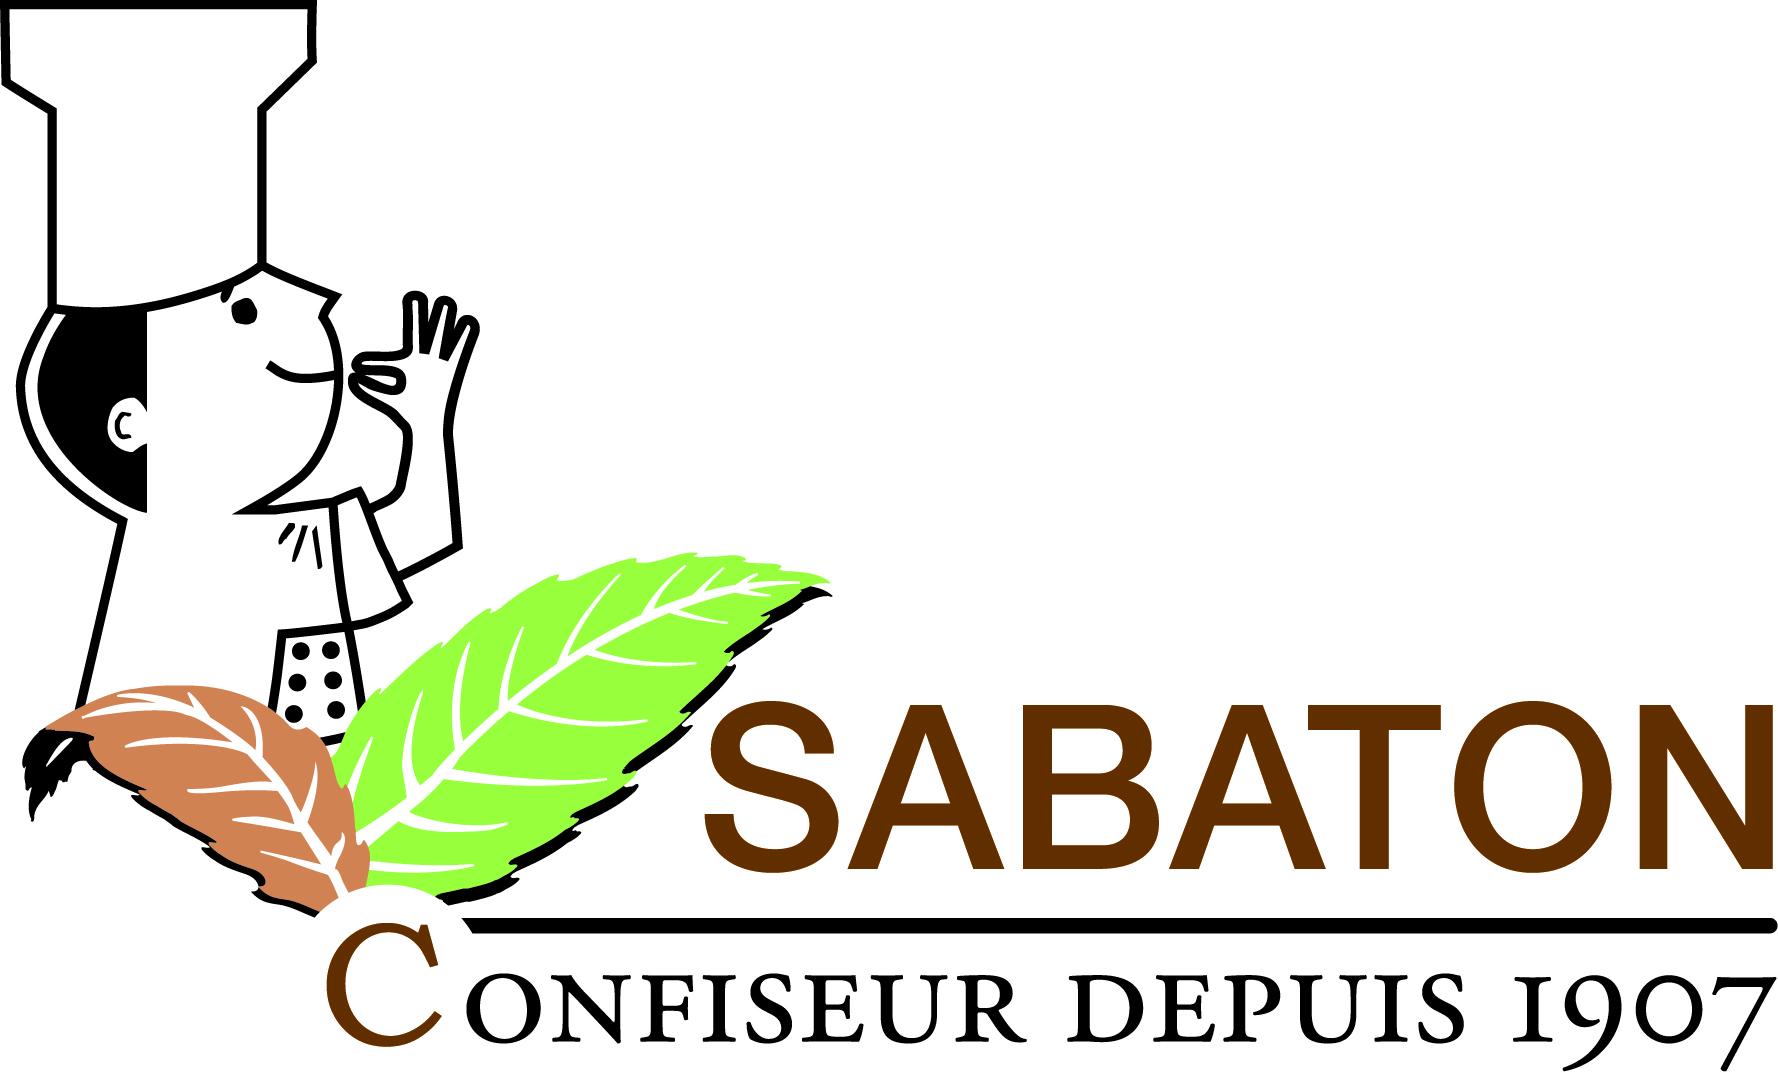 SABATON Confiseur depuis 1907